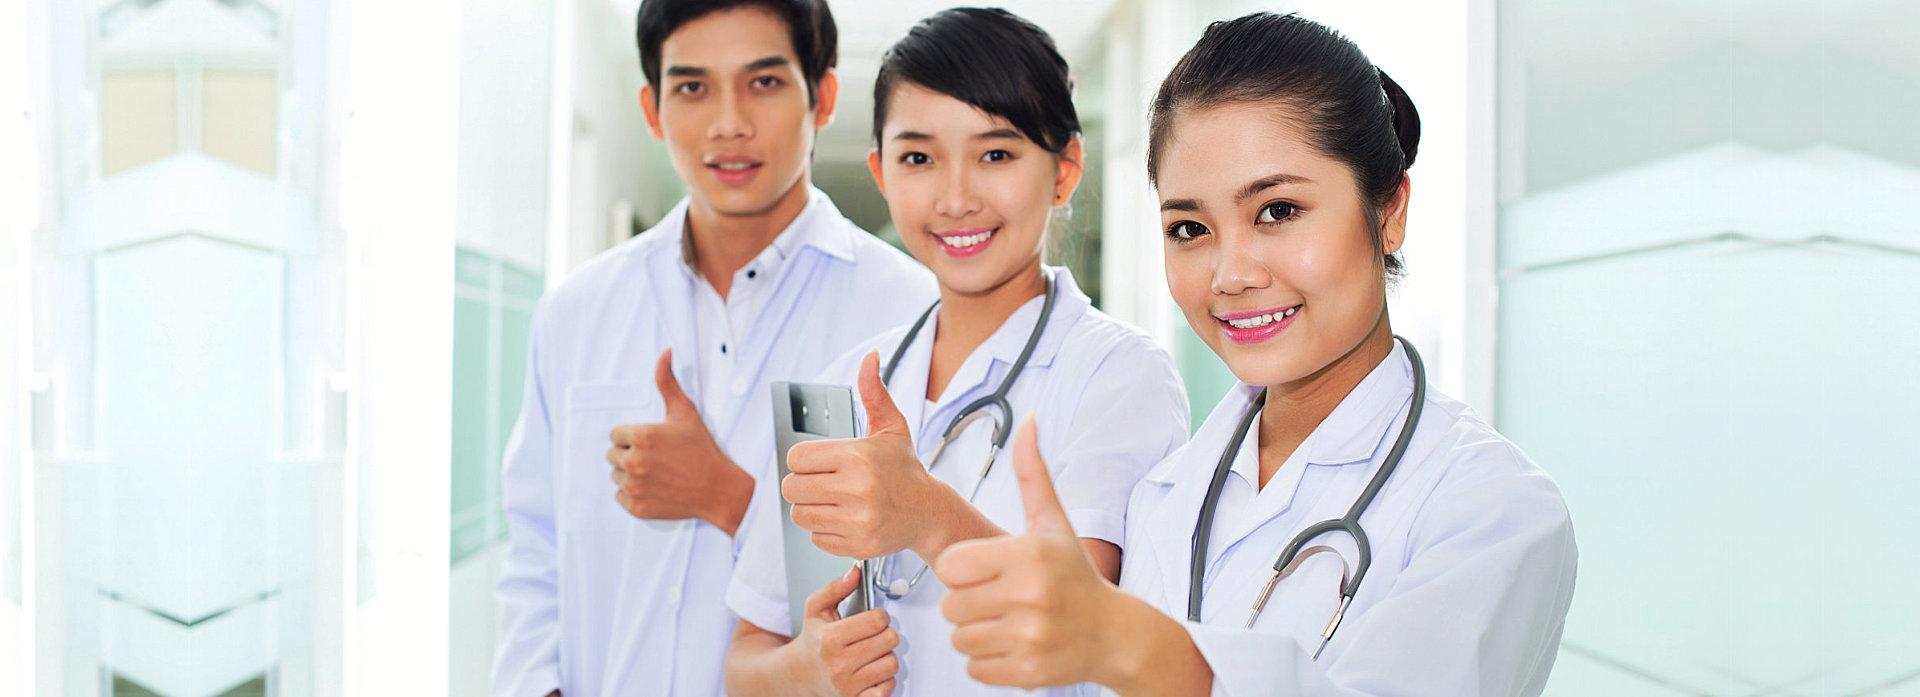 nurses thumbs up